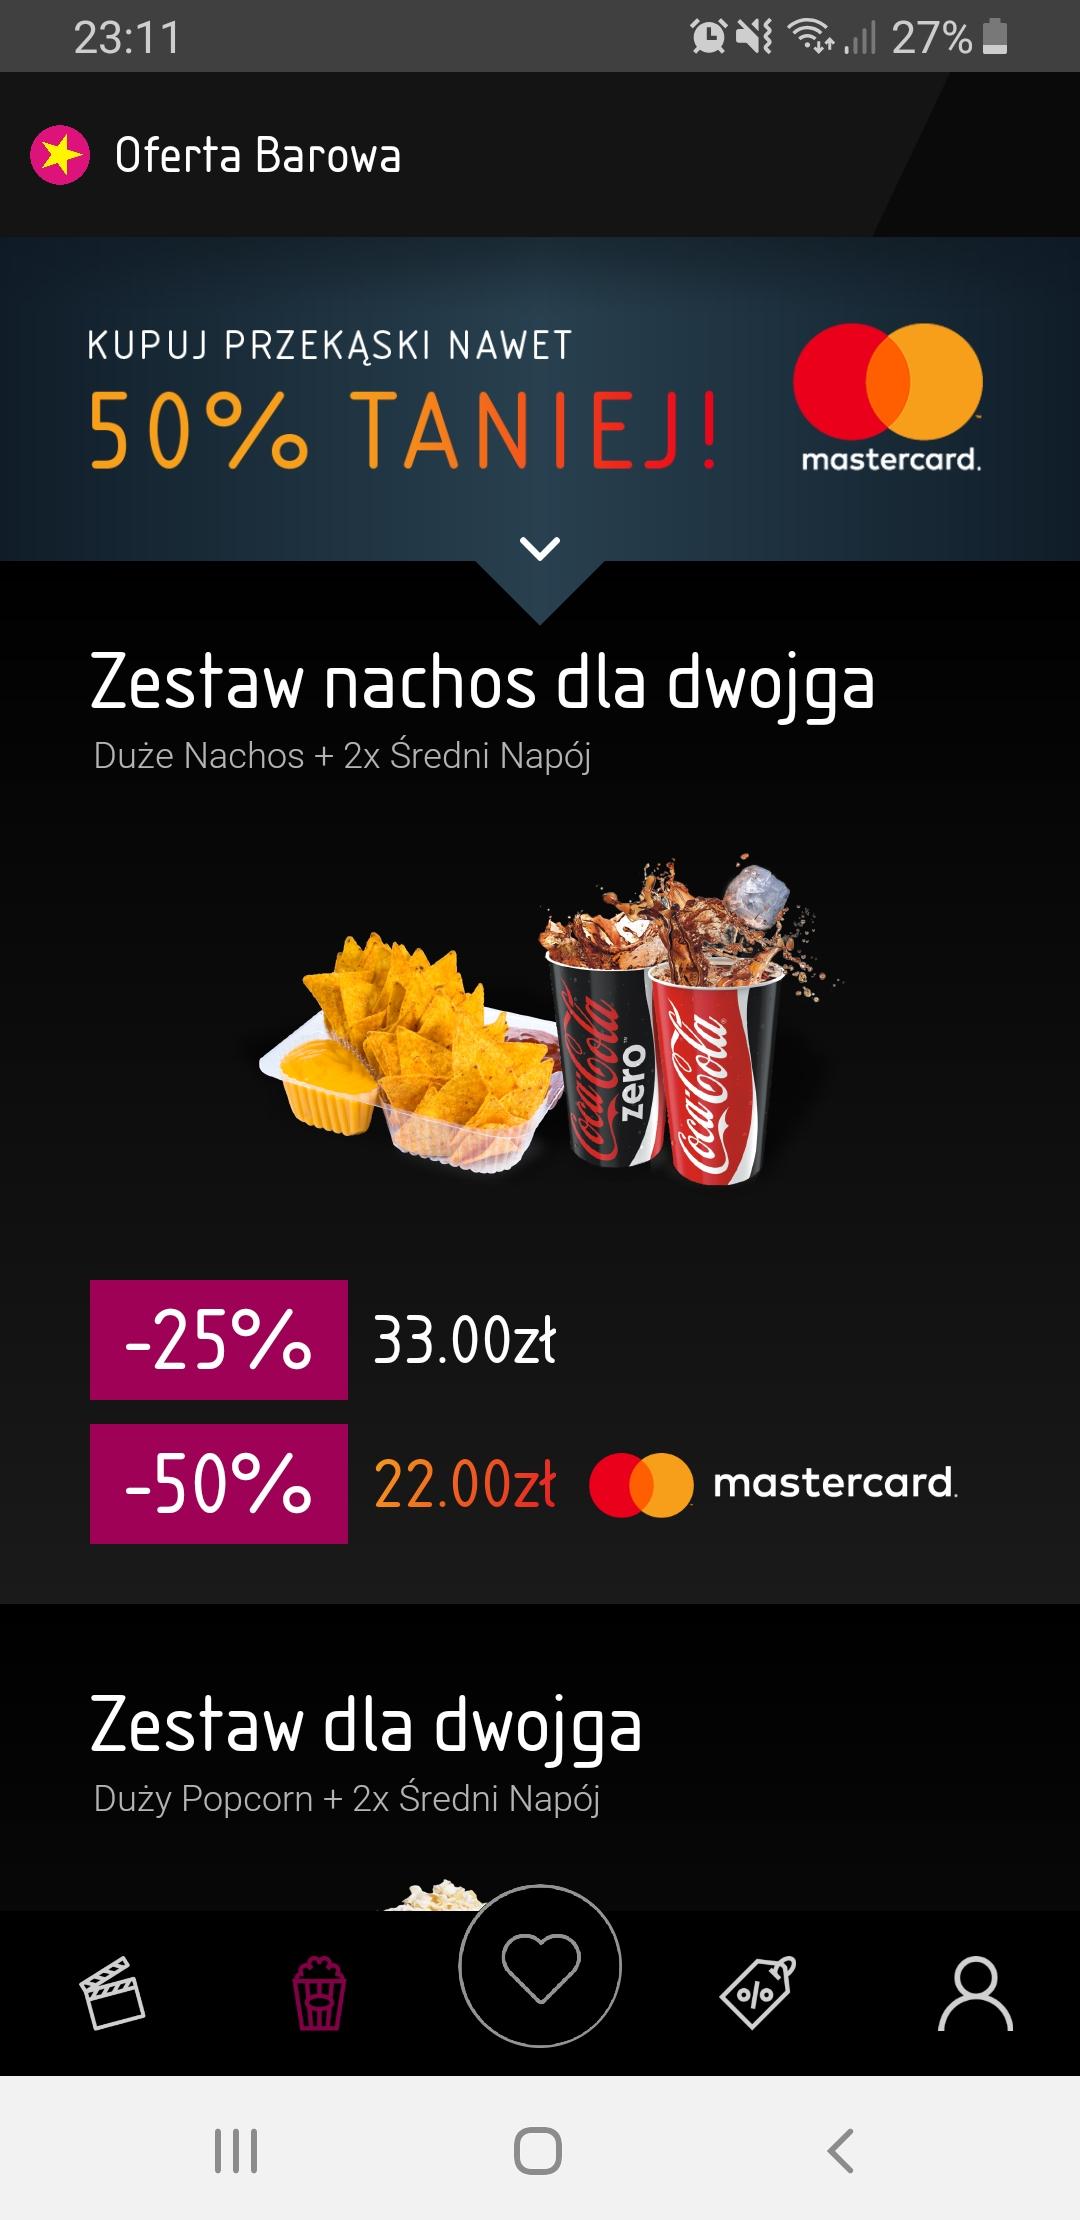 Multikino - zestawy z popcornem i nachos za pół ceny- przy płatności Masterpass.